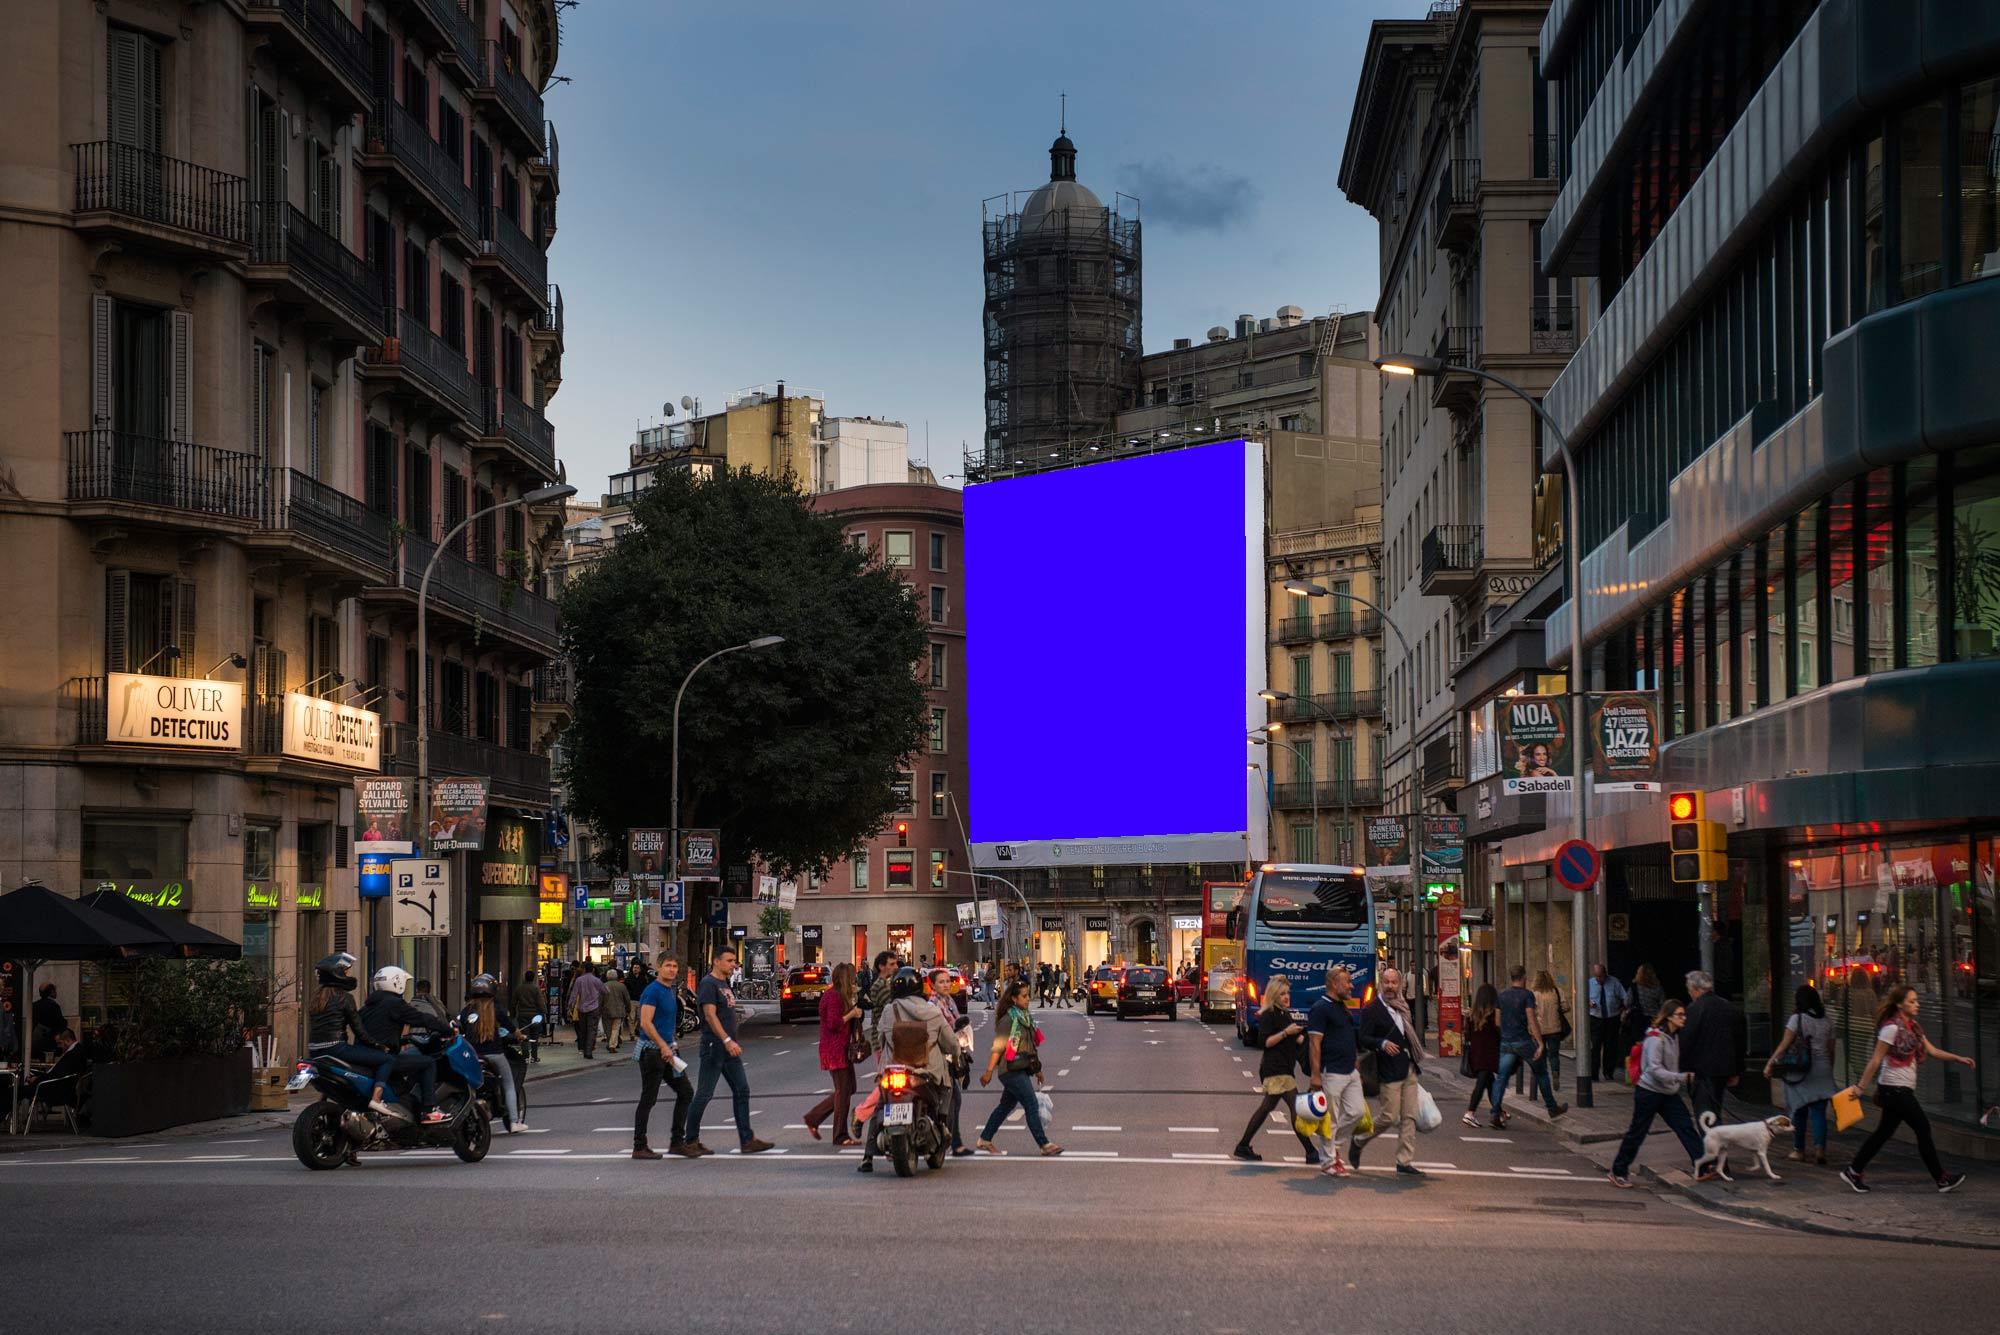 Nuevo emplazamiento para lonas publicitarias en la calle for Oficinas de pelayo en barcelona